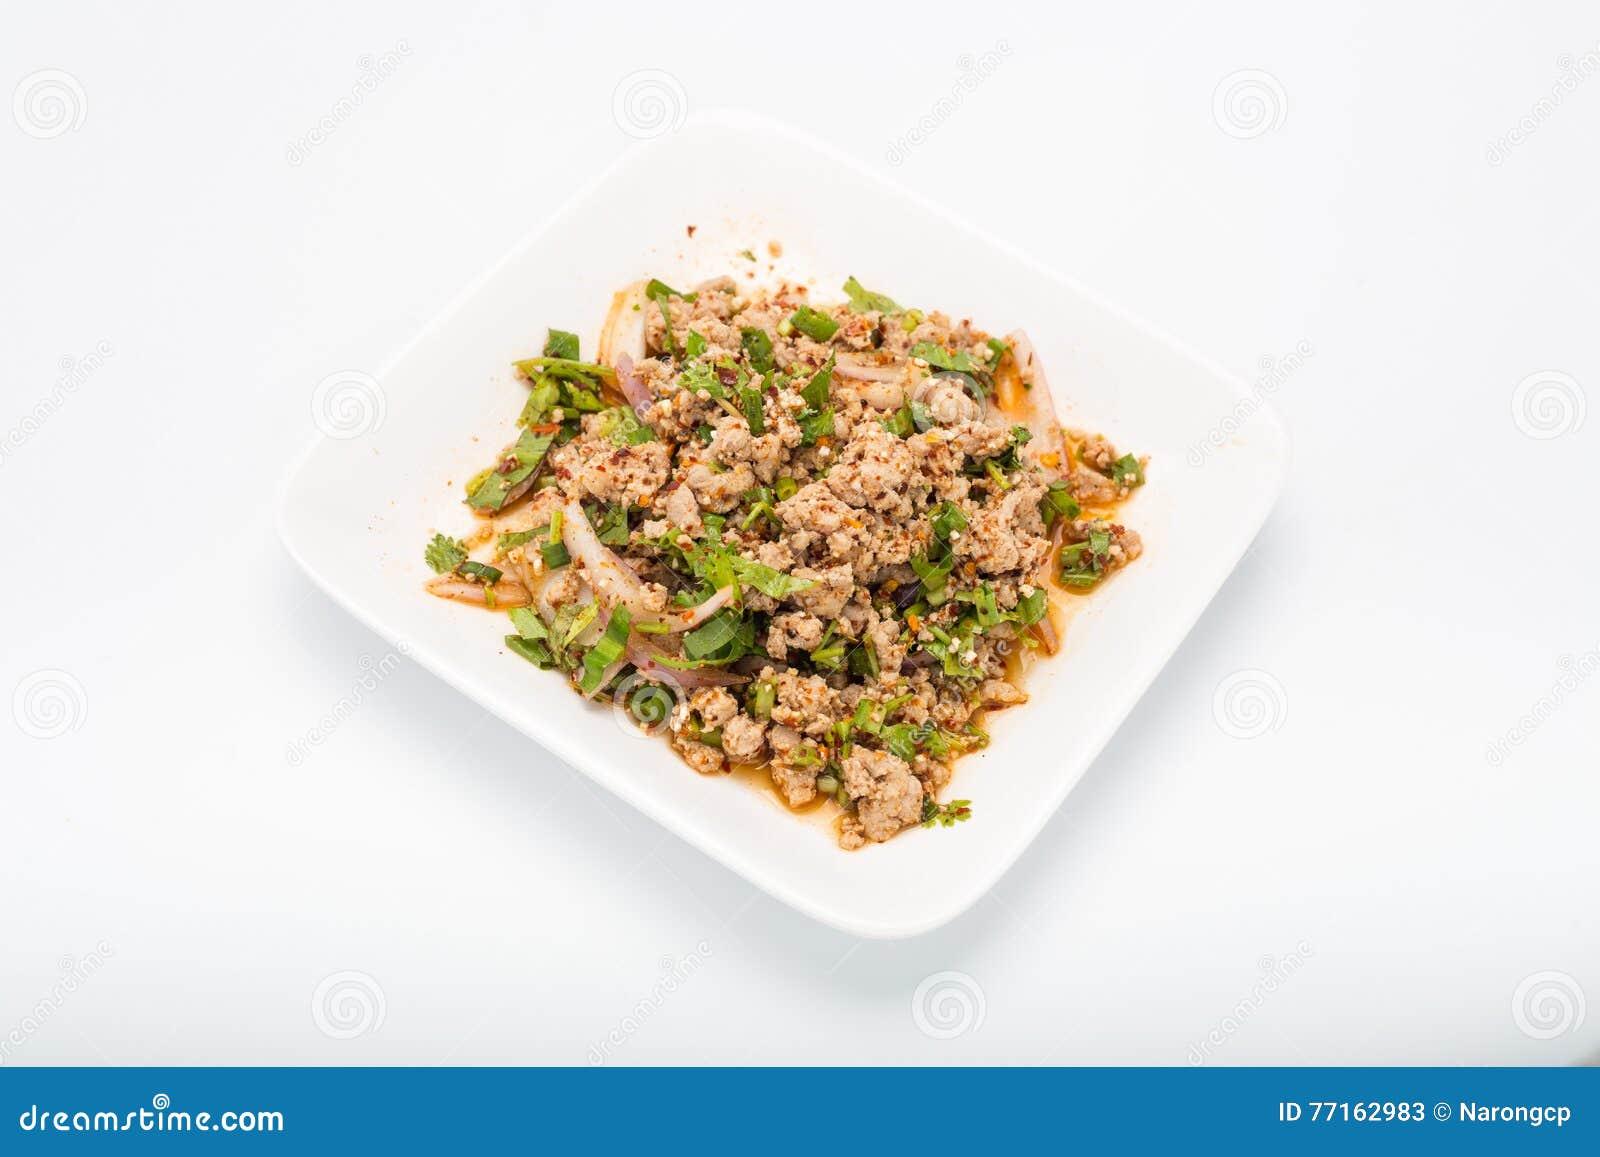 Salade hachée épicée de porc, mâche hachée de porc avec épicé